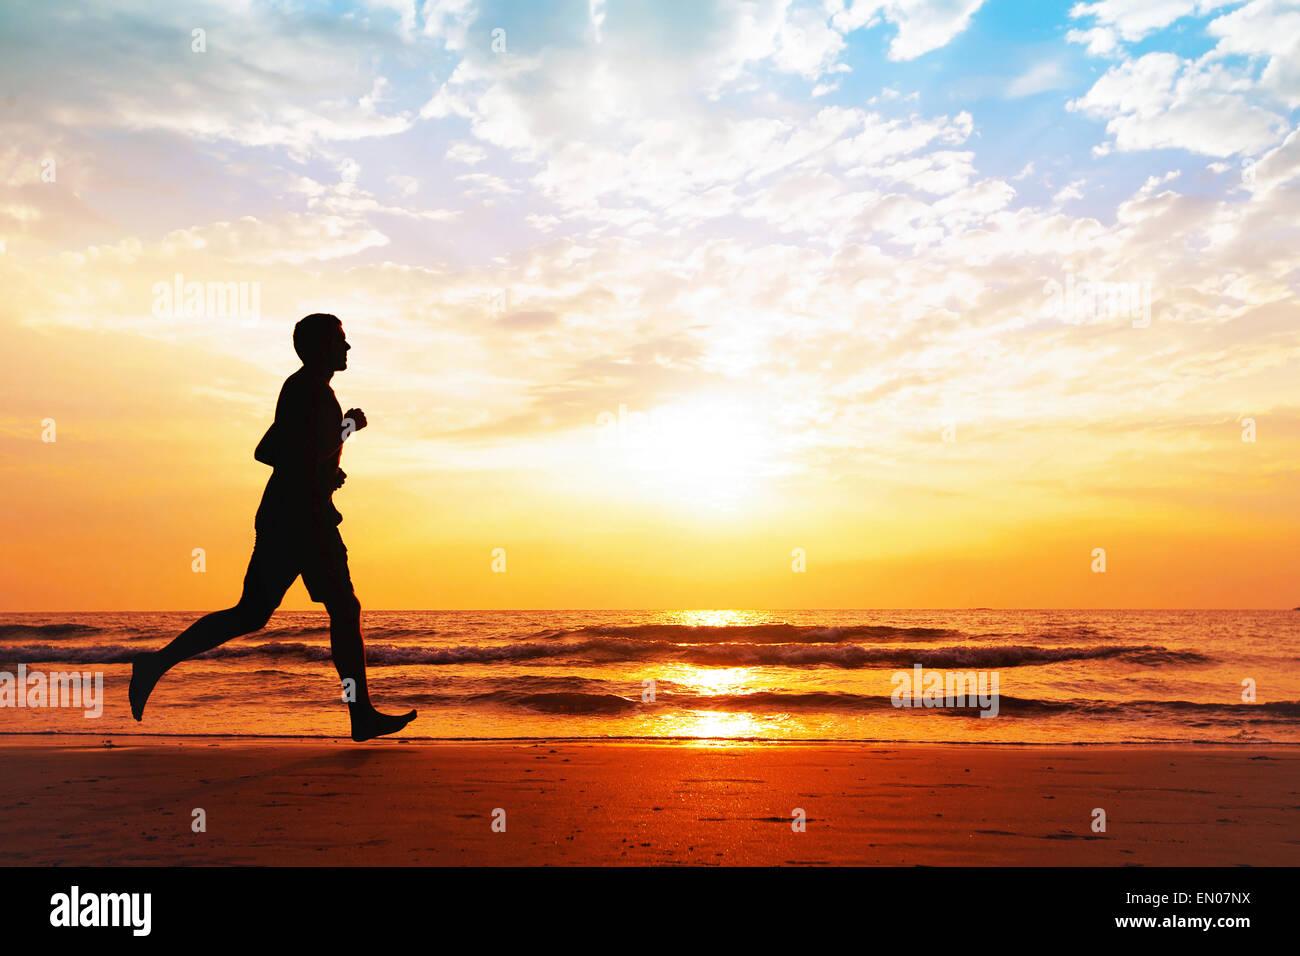 Vie saine et active, la silhouette de l'homme le jogging sur la plage Banque D'Images